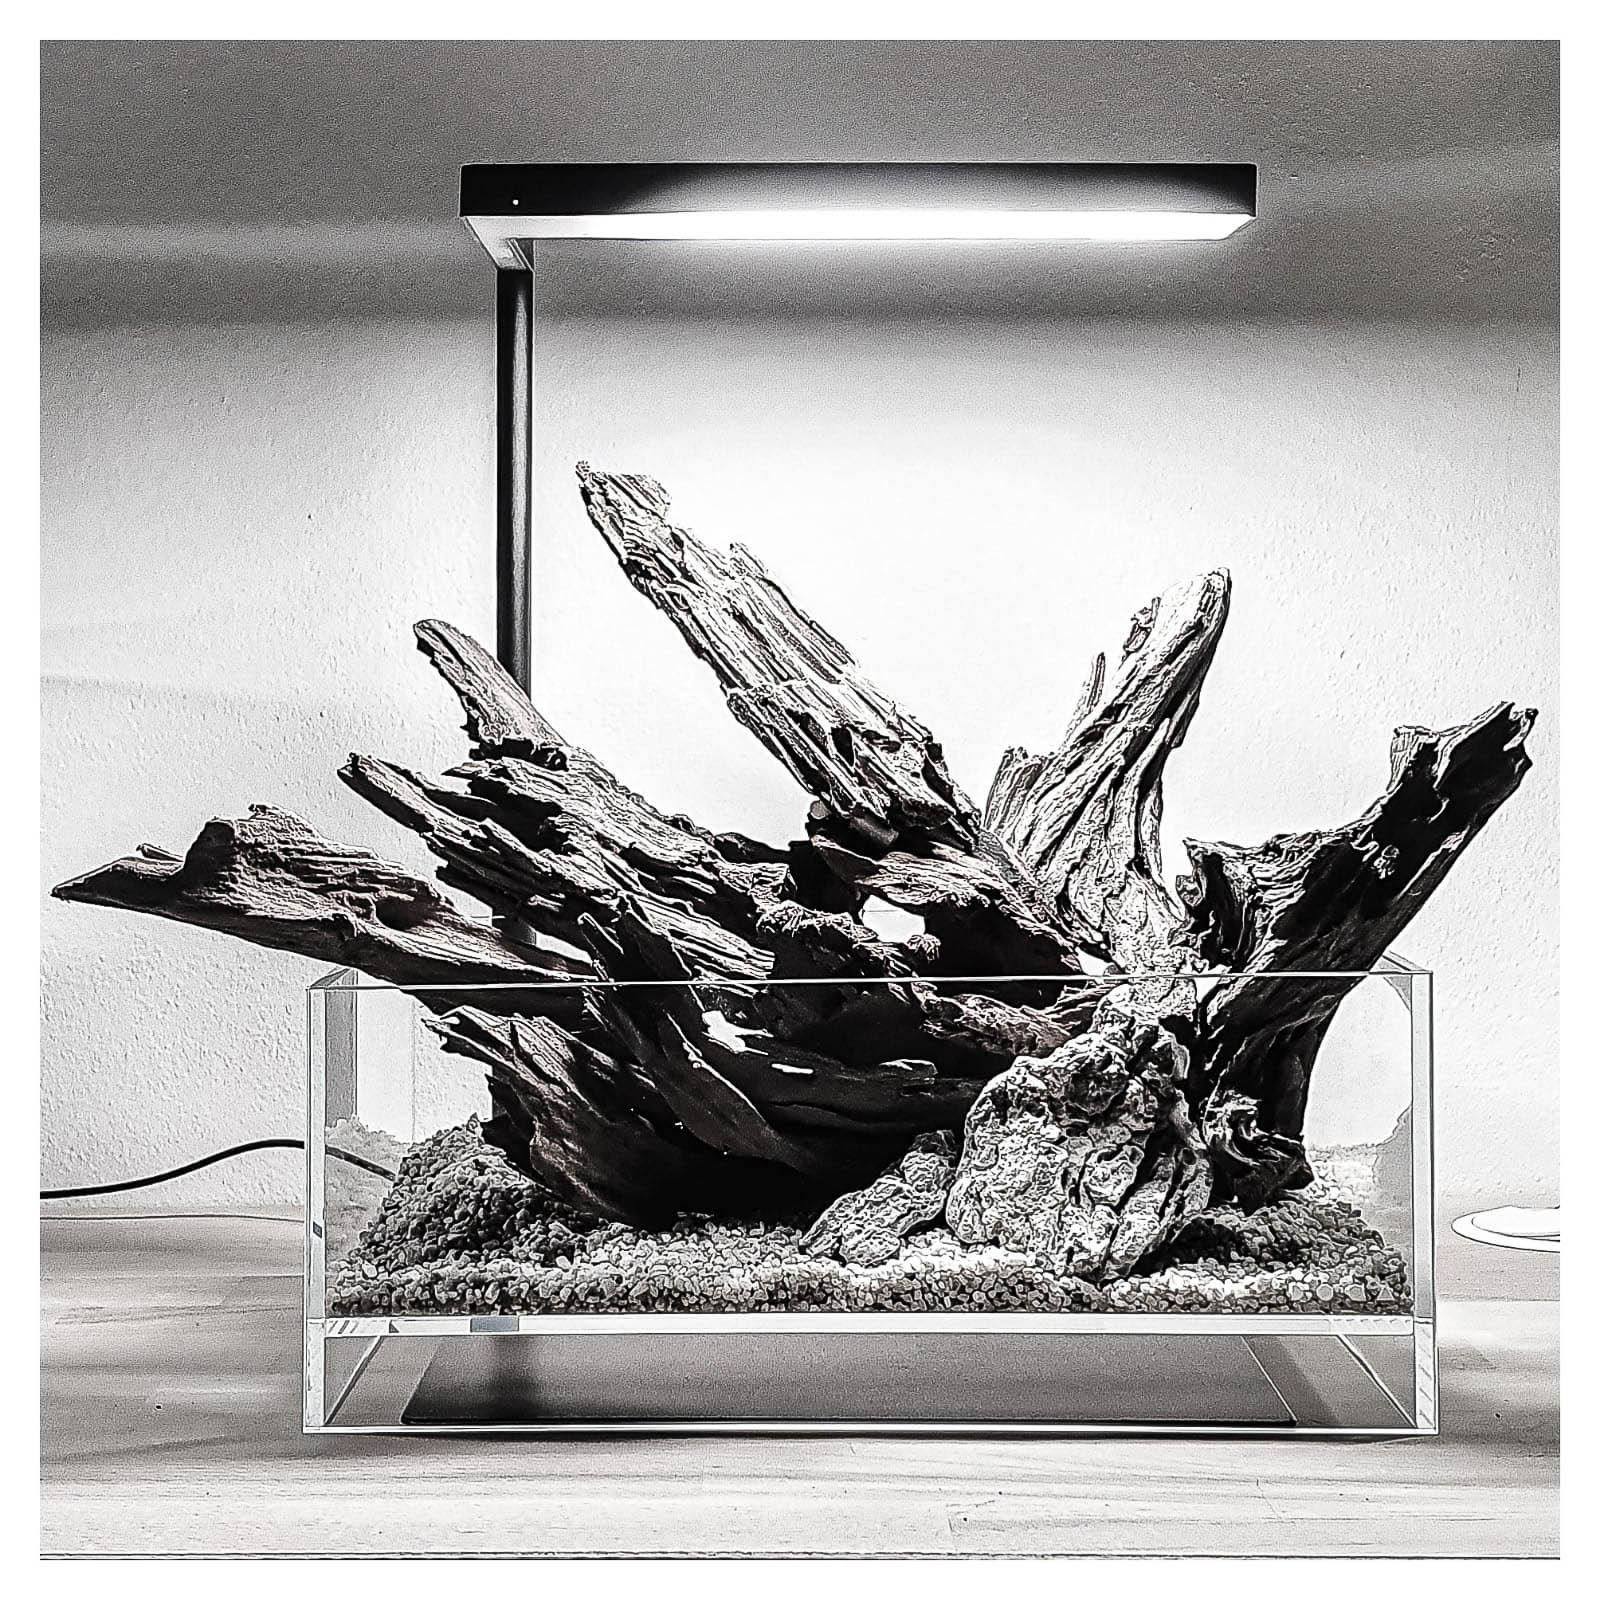 Yati Holz Skulptur für ein DOOA Neo Glass Air